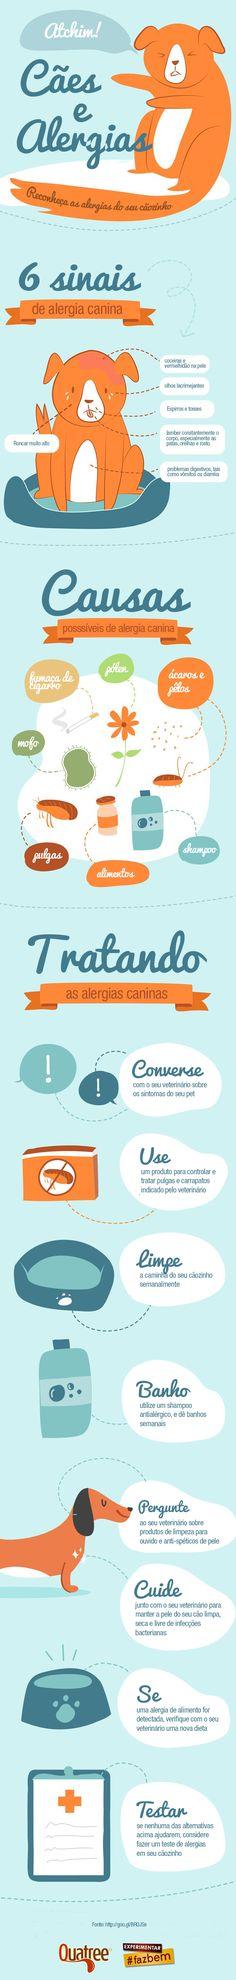 Infográfico que explica o que você precisa saber sobre alergia canina. Leia com atenção e compartilhe com os seus amigos que também são apaixonados com cães.